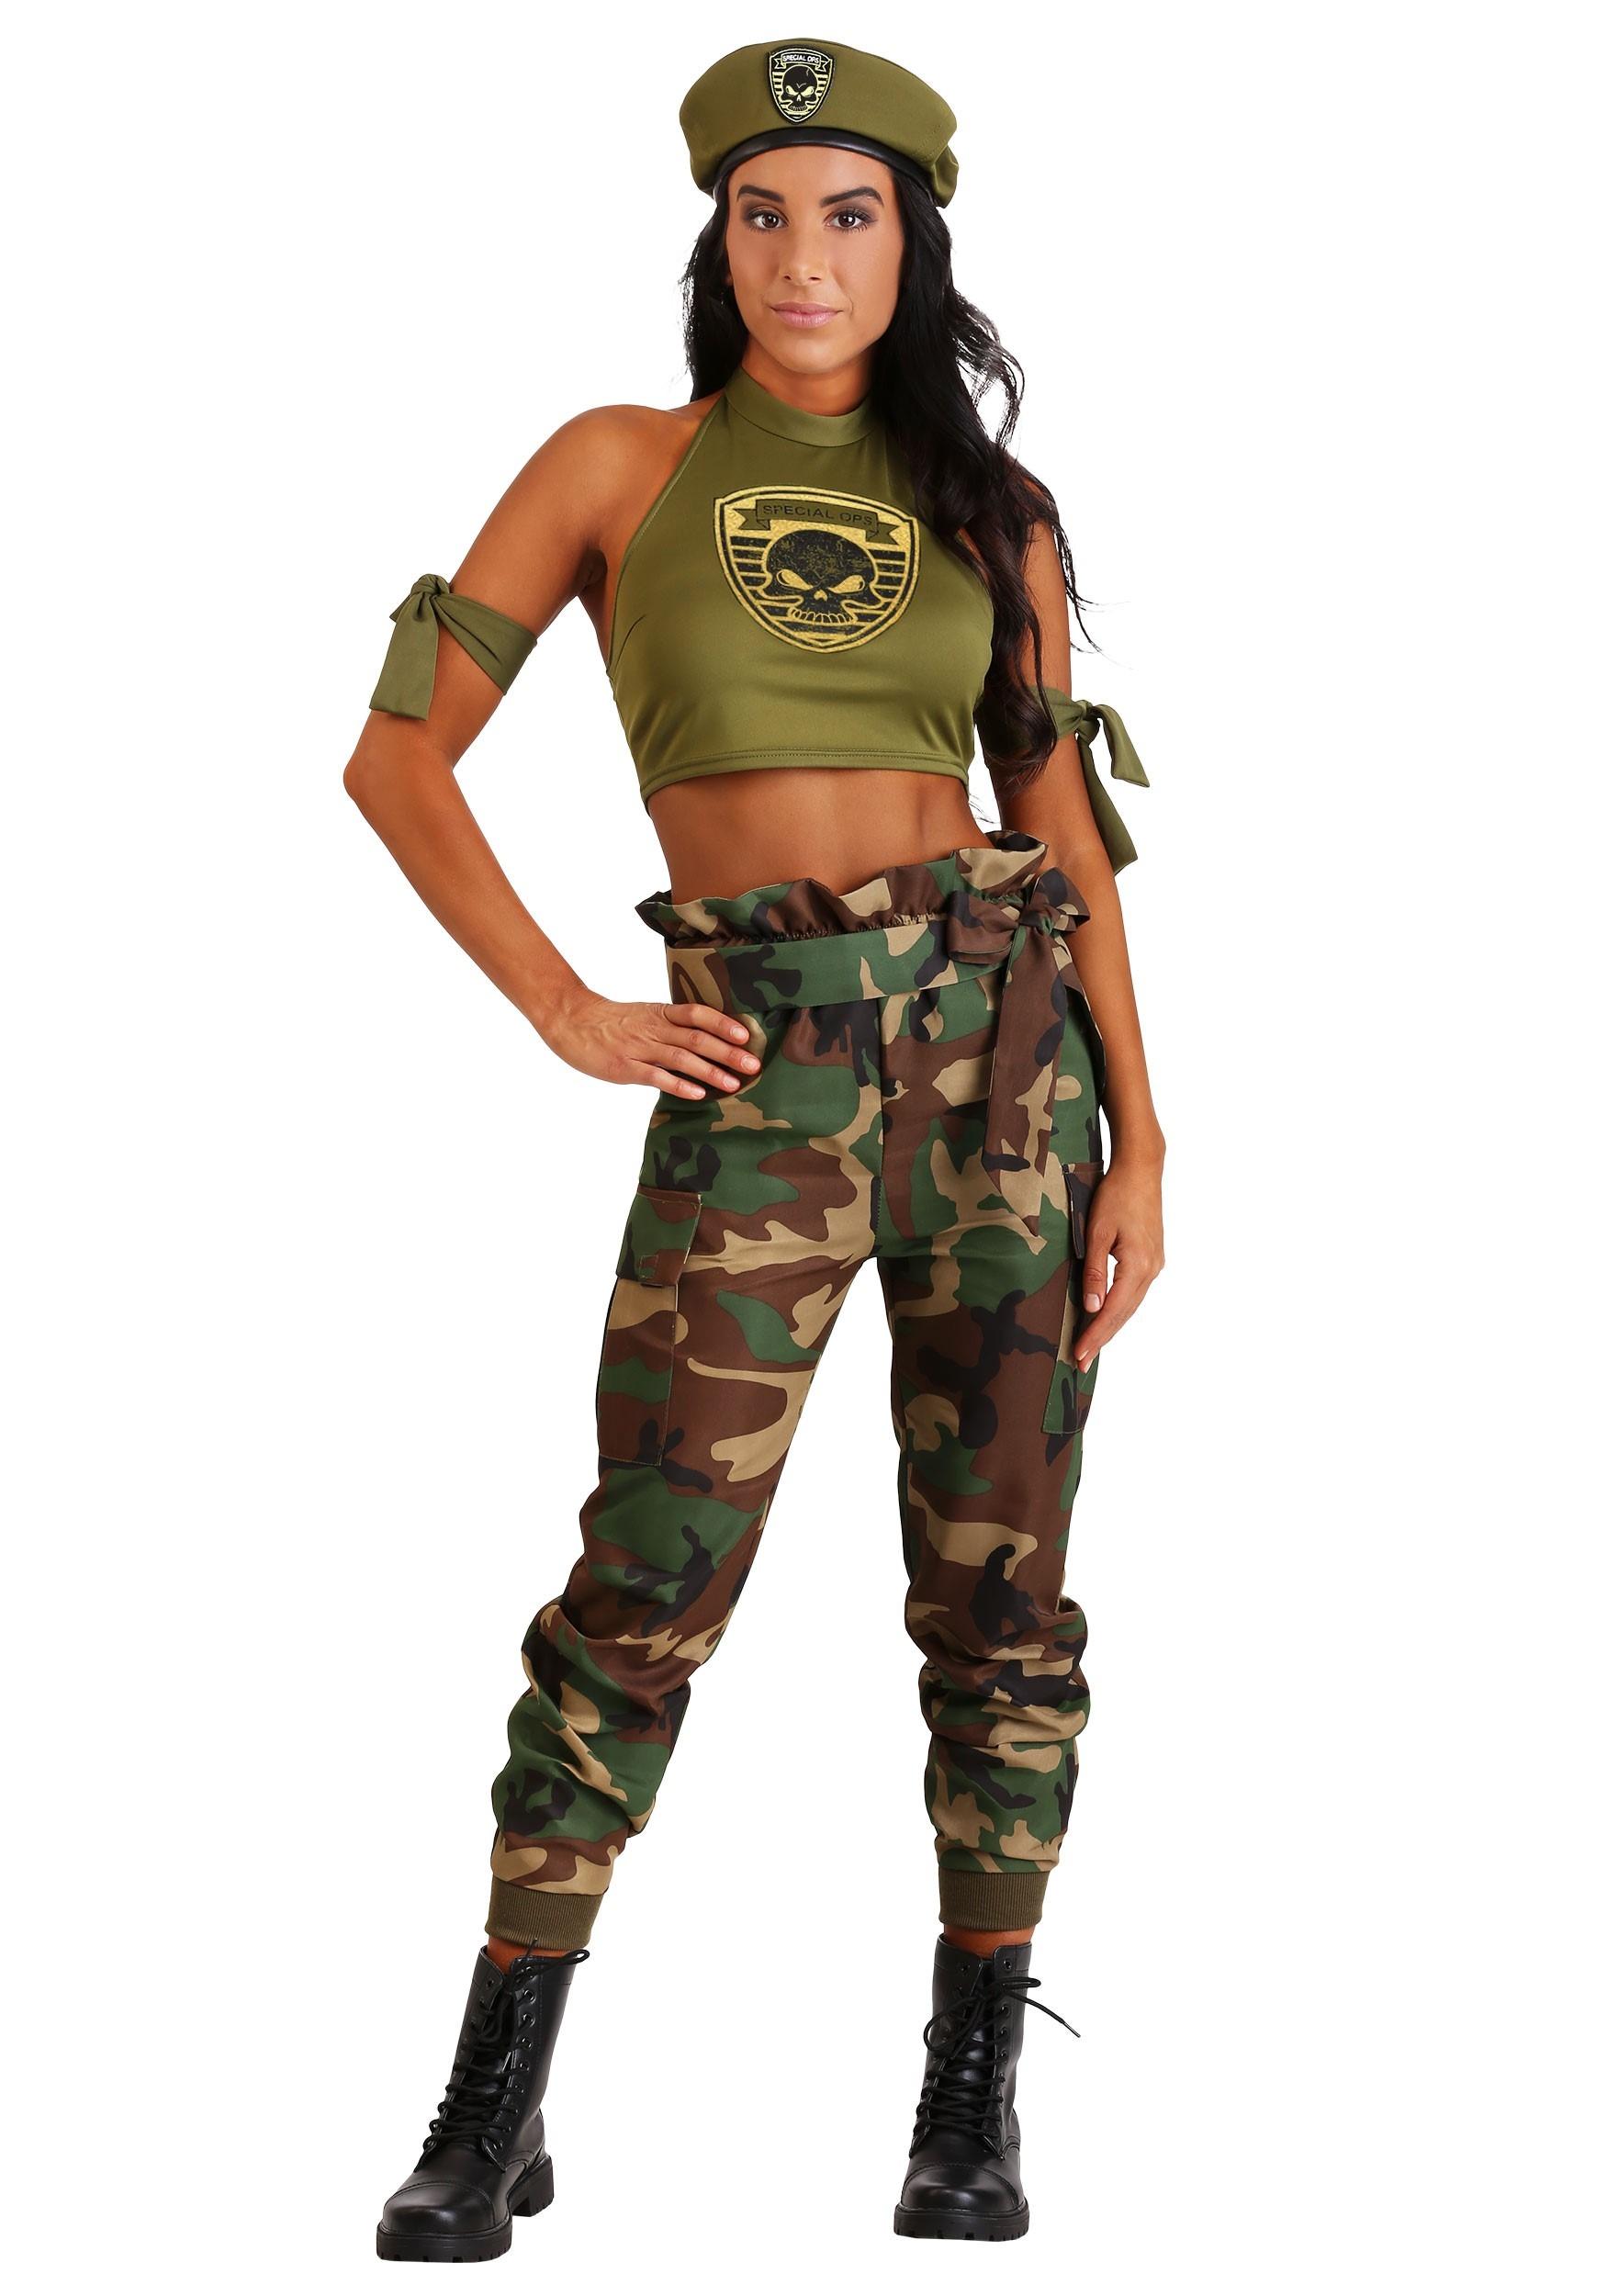 Green Beret Beauty for Women